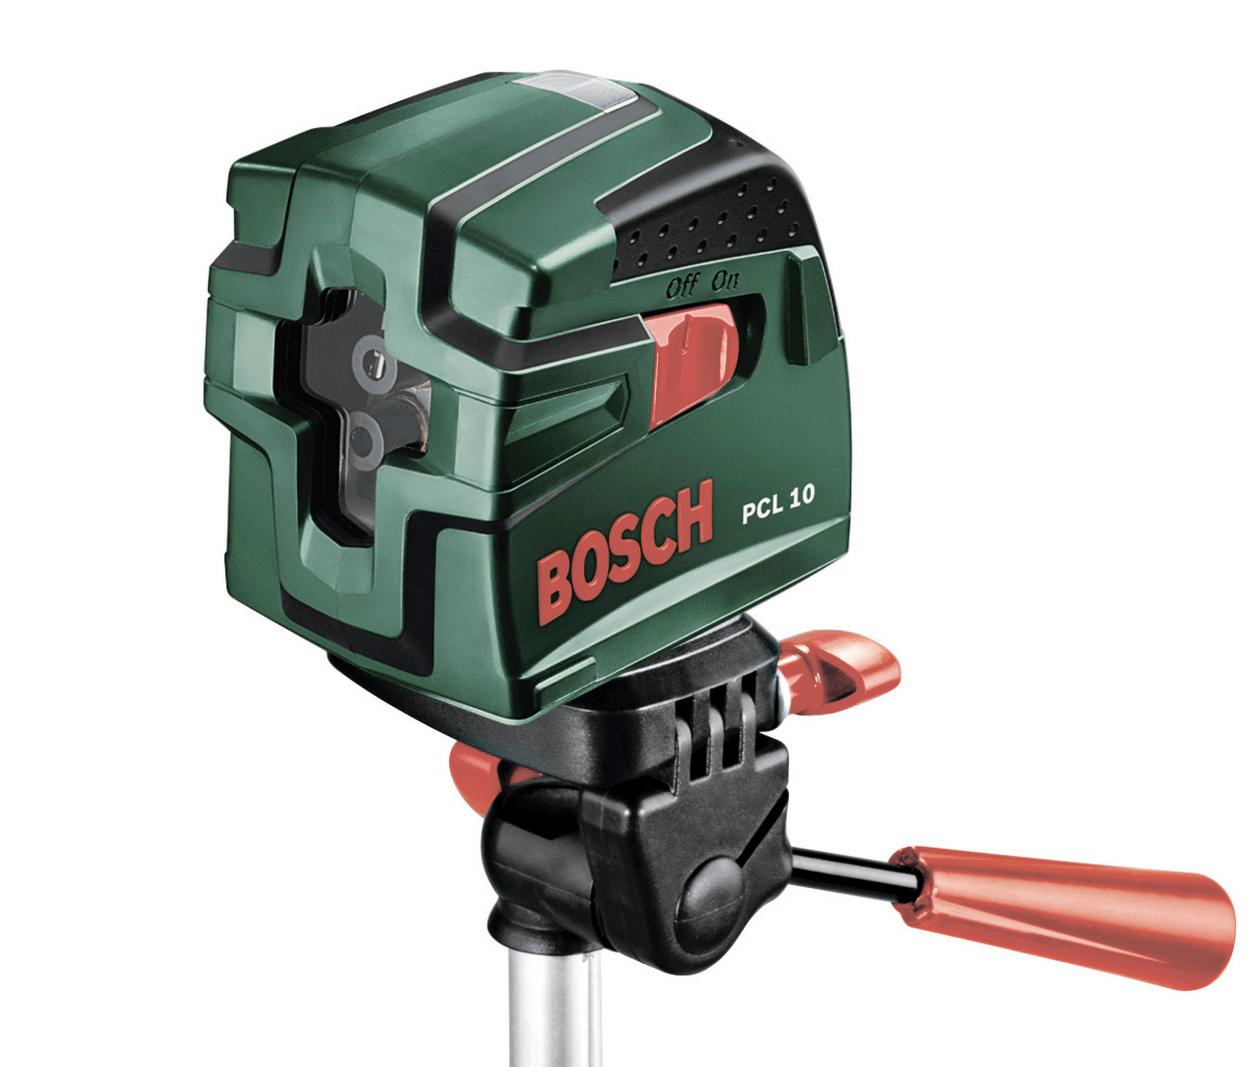 Уровень Bosch Pcl 10 set + ШТАТИВ (0.603.008.121)